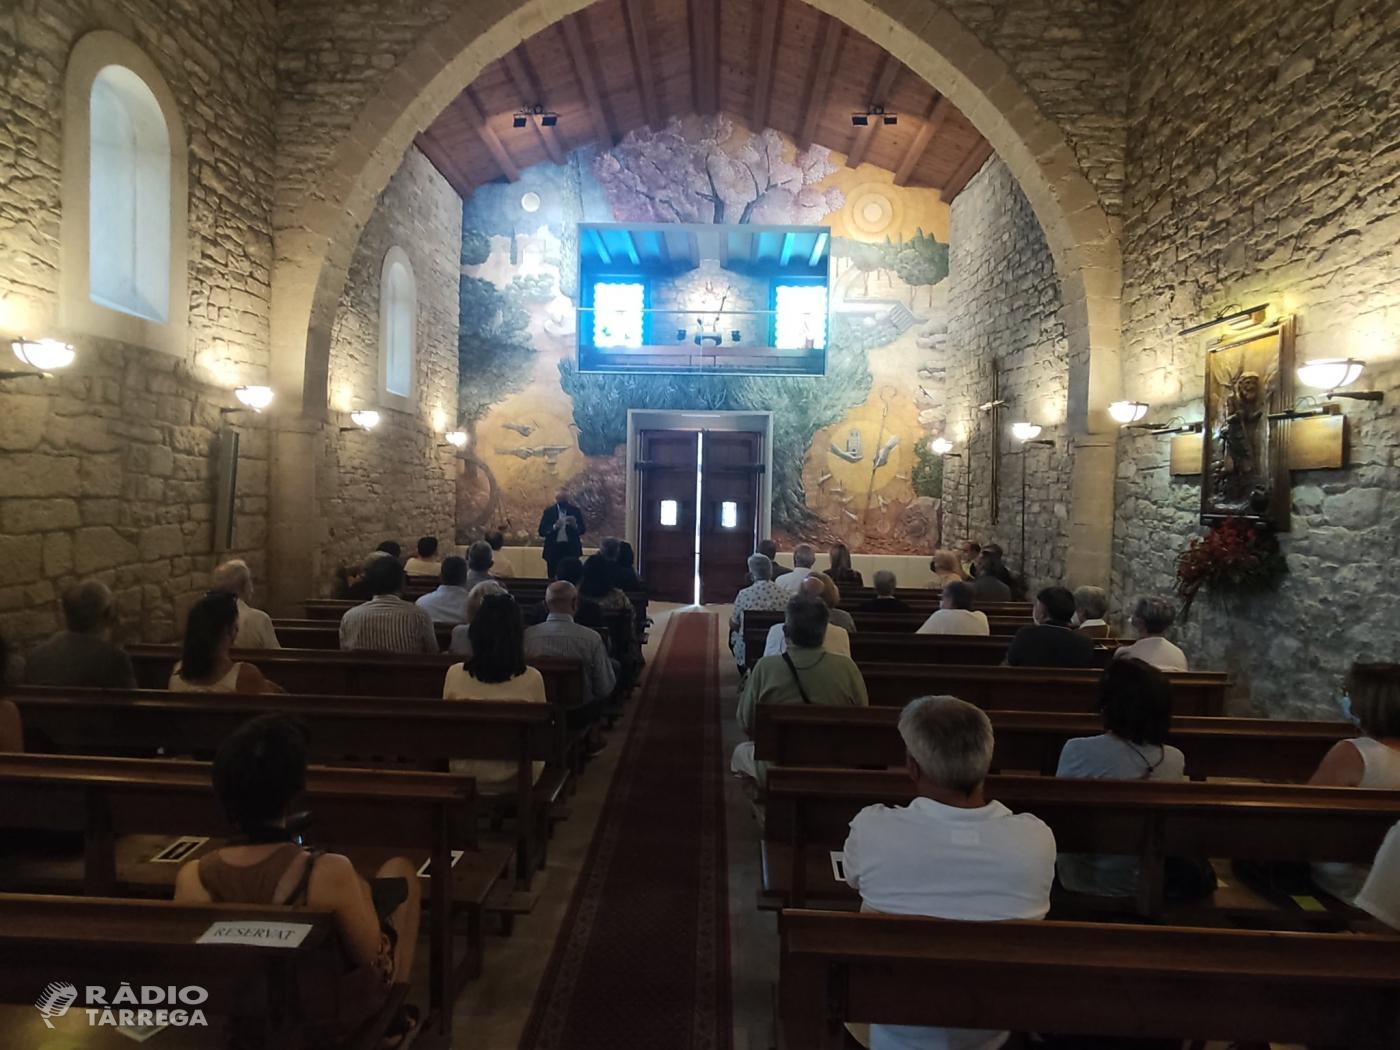 Tàrrega inaugura el mural al fresc de Josep Minguell a l'ermita de Sant Eloi i la seu social dels Amics de l'Arbre, coincidint amb Sant Magí